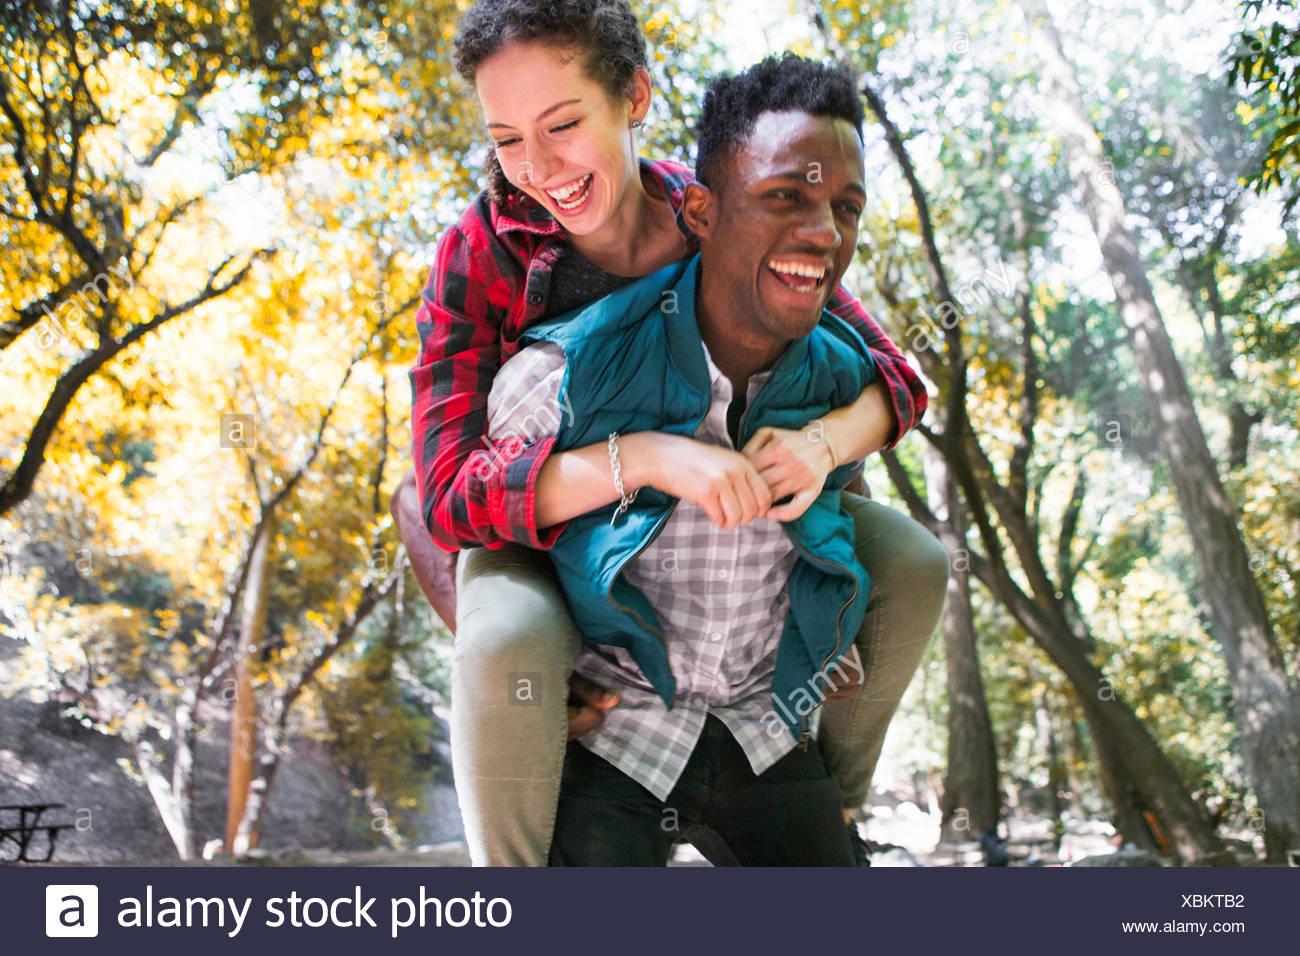 Mujer joven excursionista llegar piggy back del novio en el bosque, Arcadia, California, EE.UU. Imagen De Stock